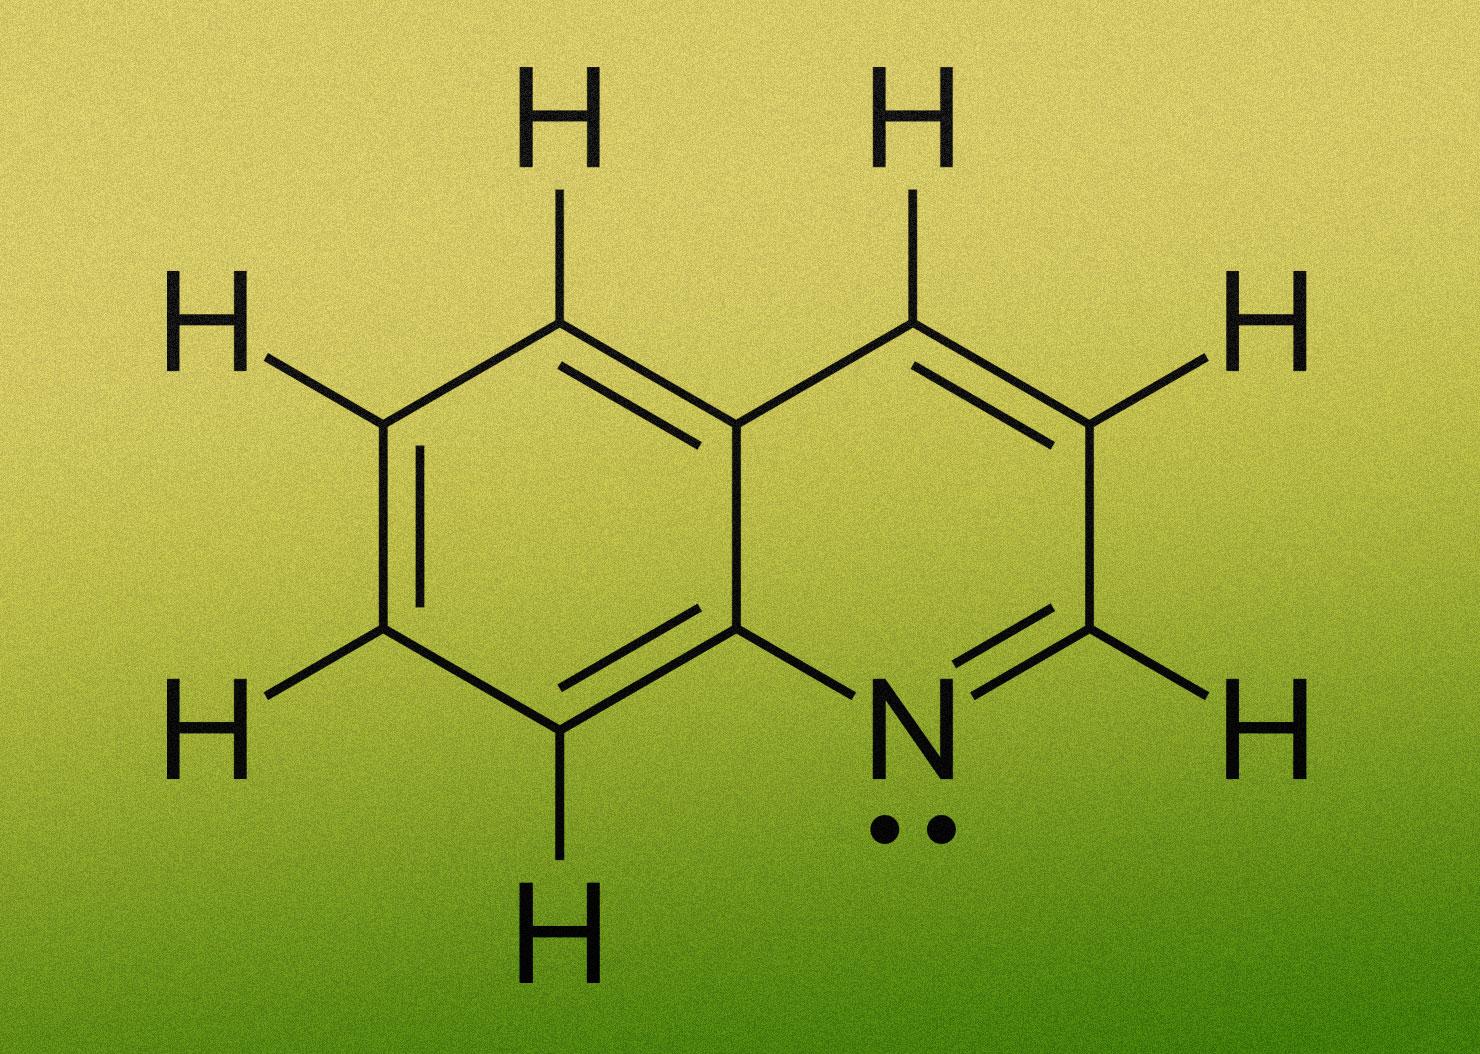 מונעת מהטפיל לגבש ולנטרל את מולקולות ההים המסוכנות. מולקולת קווינולין | תרשים: ויקיפדיה,  Vaccinationist